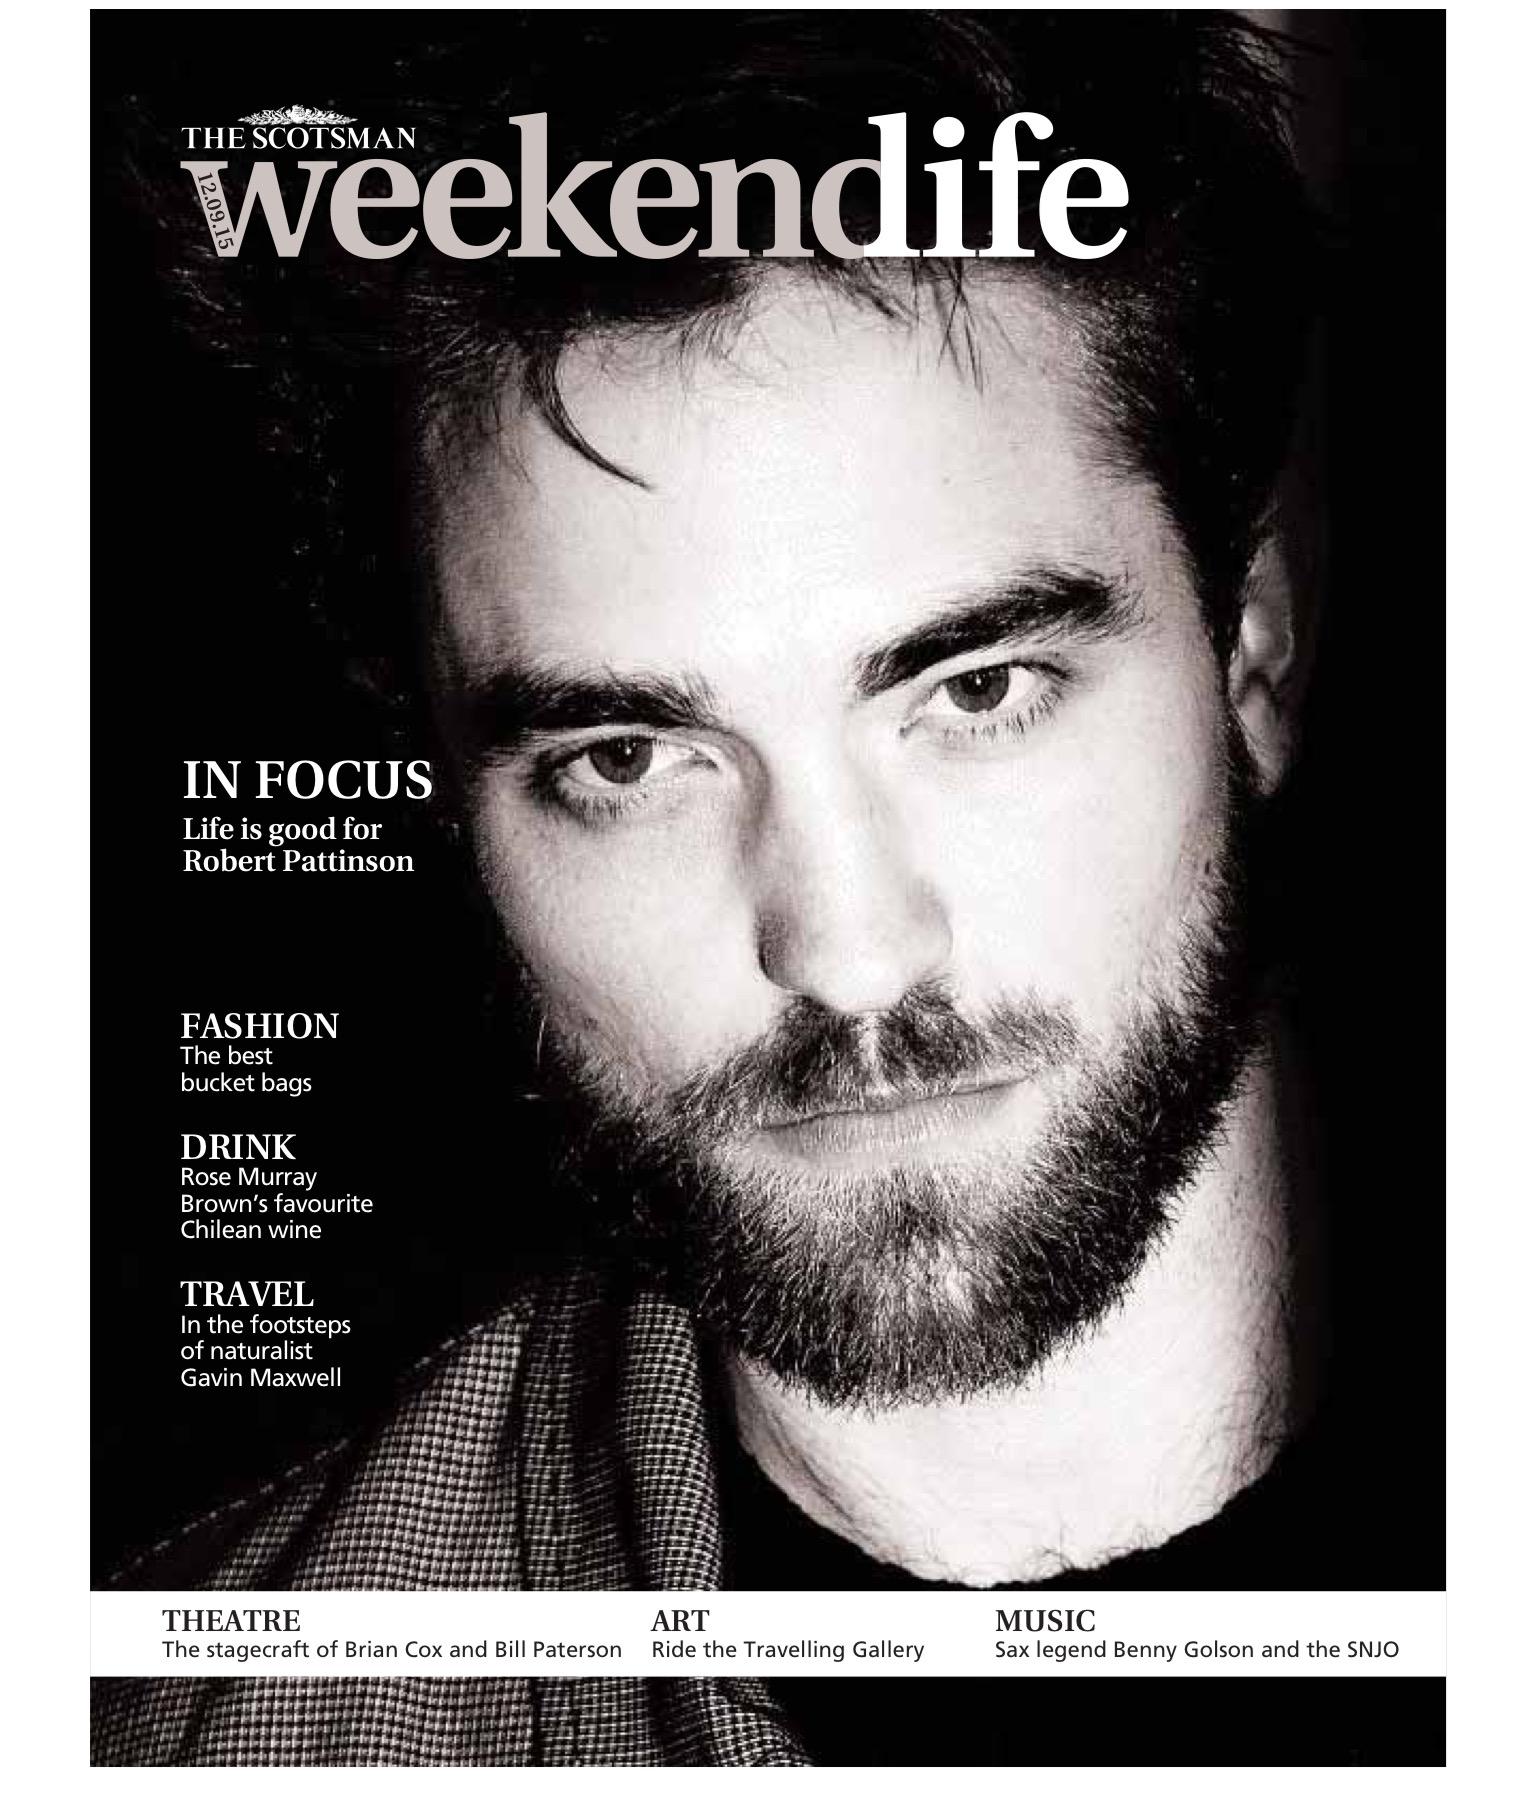 Robert fala sobre seu novo filme e relação com os fotógrafos para a The Scotsman